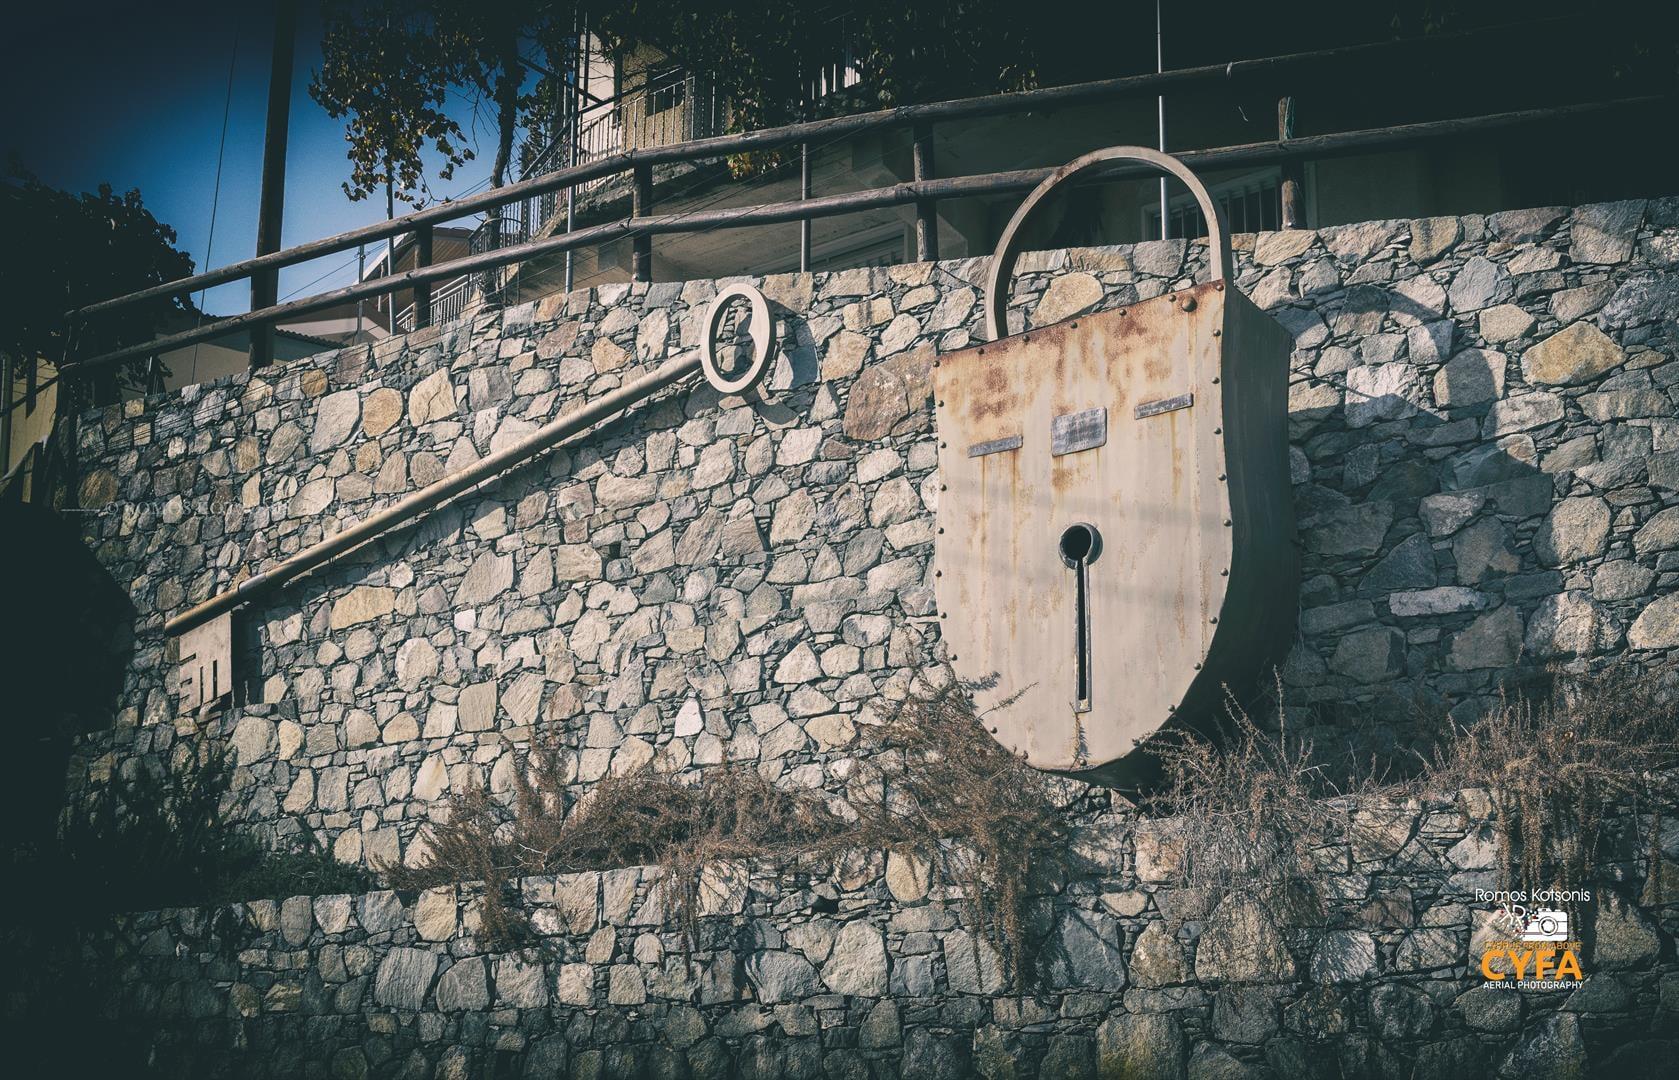 Η μεγαλύτερη κλειδαριά της Κύπρου είναι κάπου στην Πιτσιλιά!